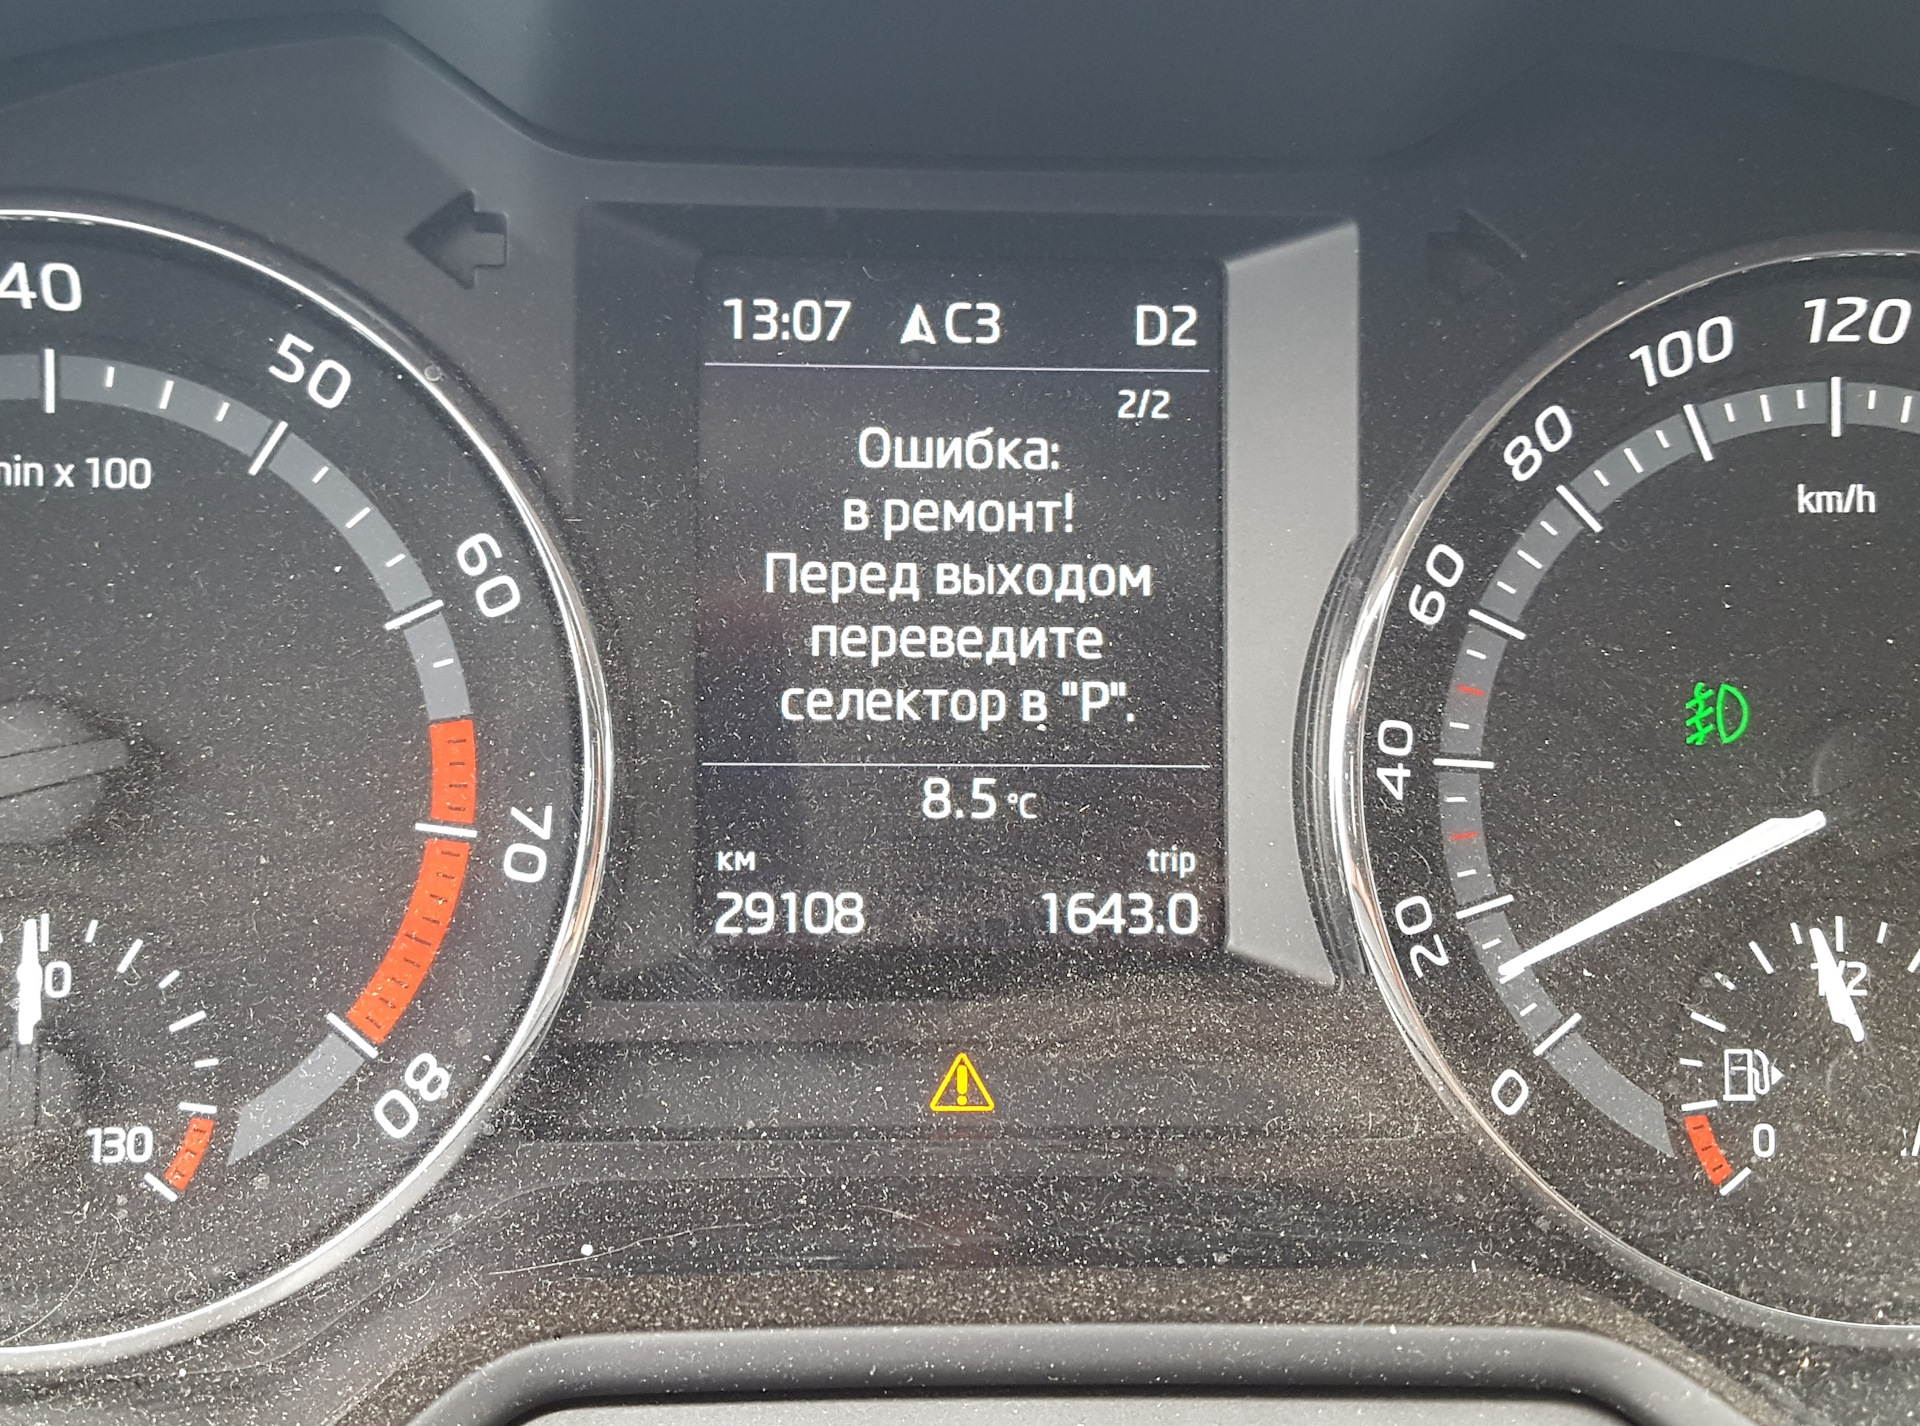 Индикатор EPC на приборке Шкода Октавия А7